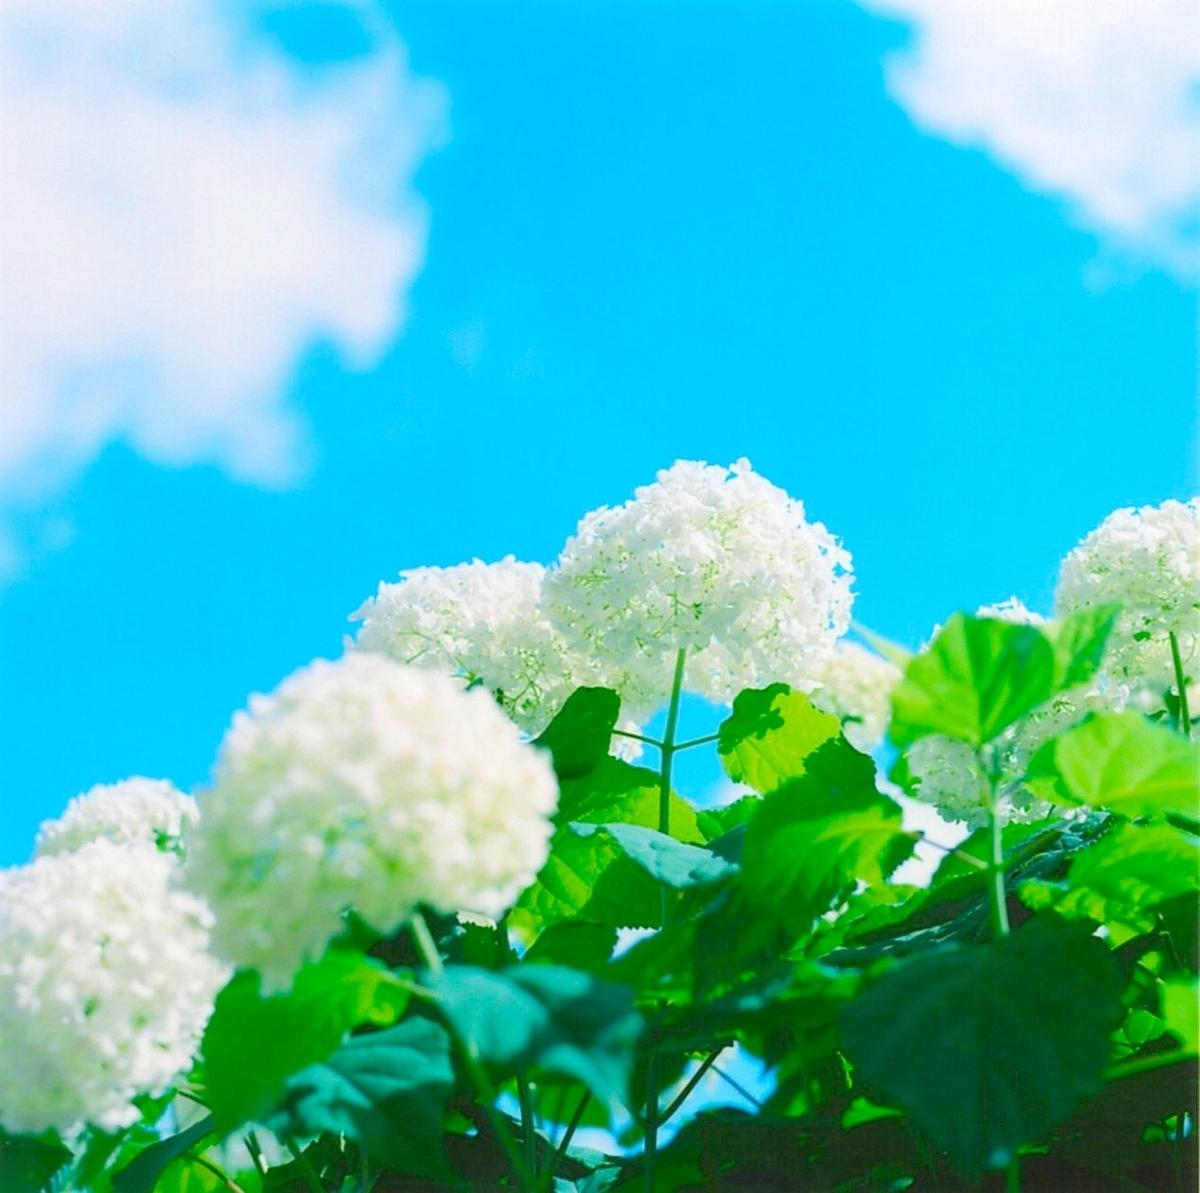 f:id:camera-yurucamp:20190624103631j:plain